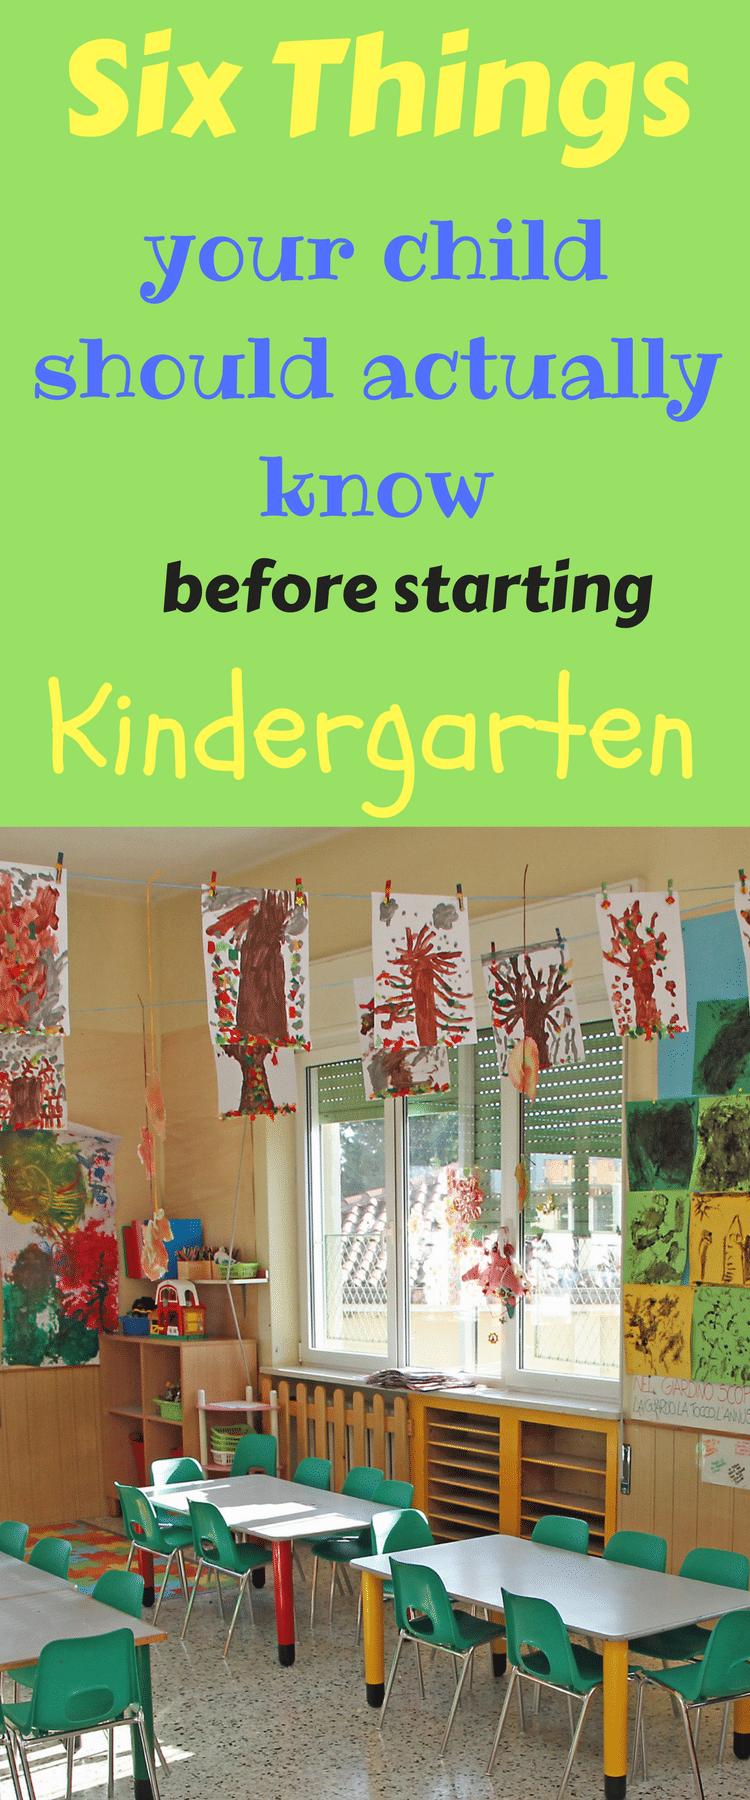 Kindergarten / Kindergarten Tips / Kindergarten prep / Kindness